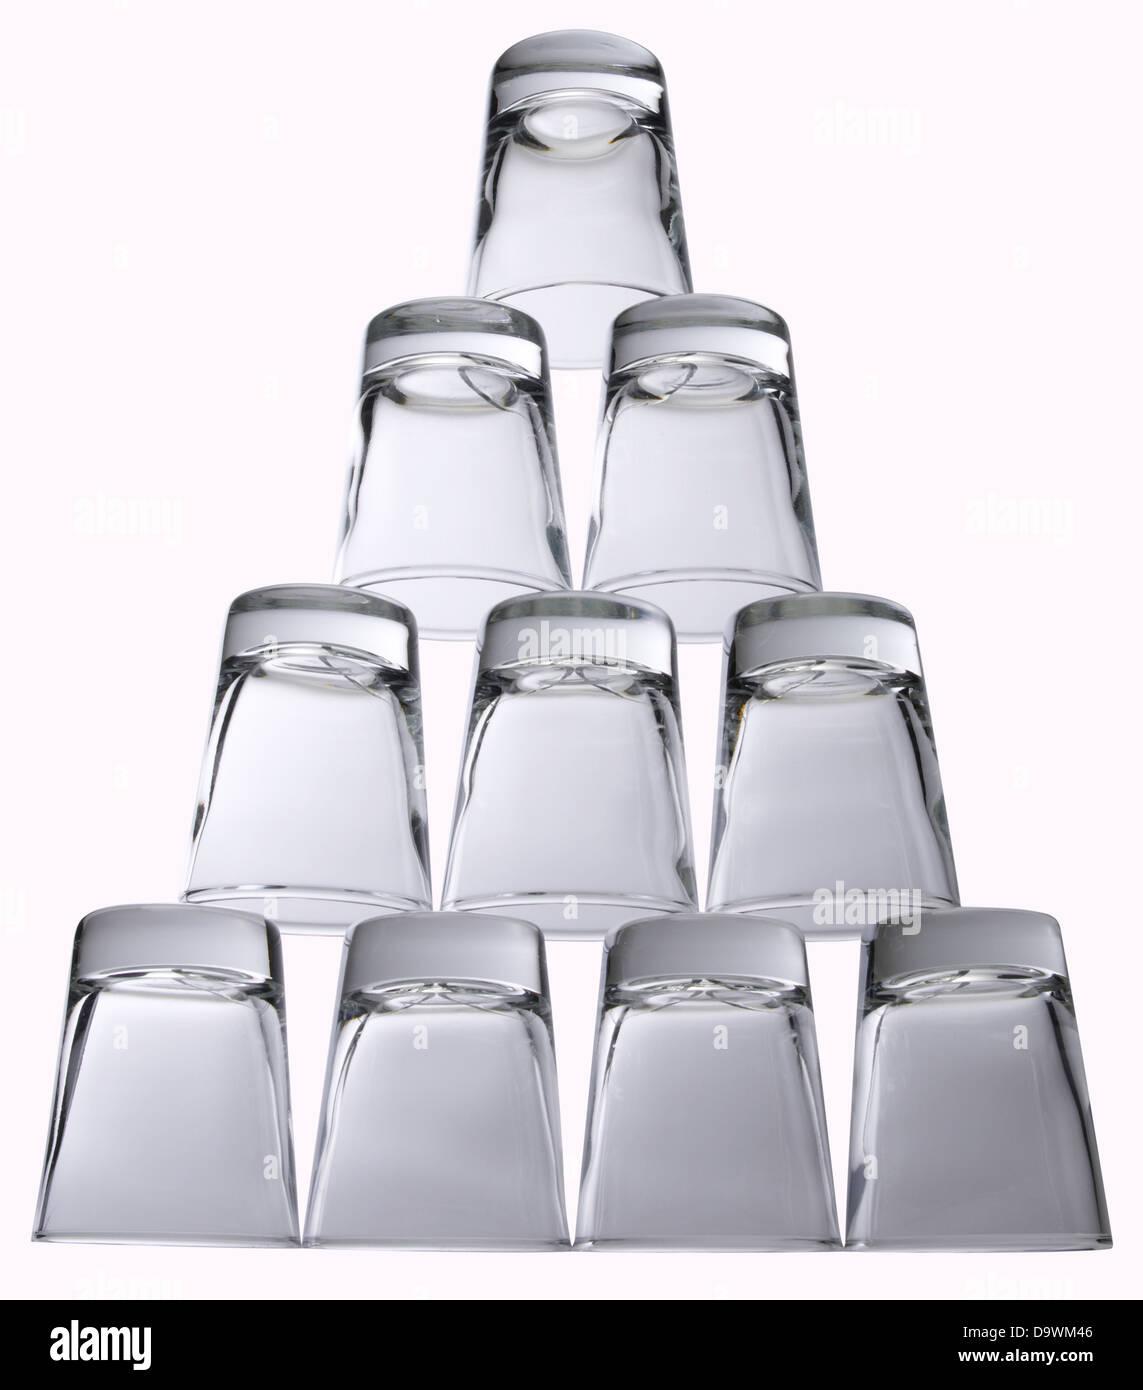 Bicchierini Immagini Stock